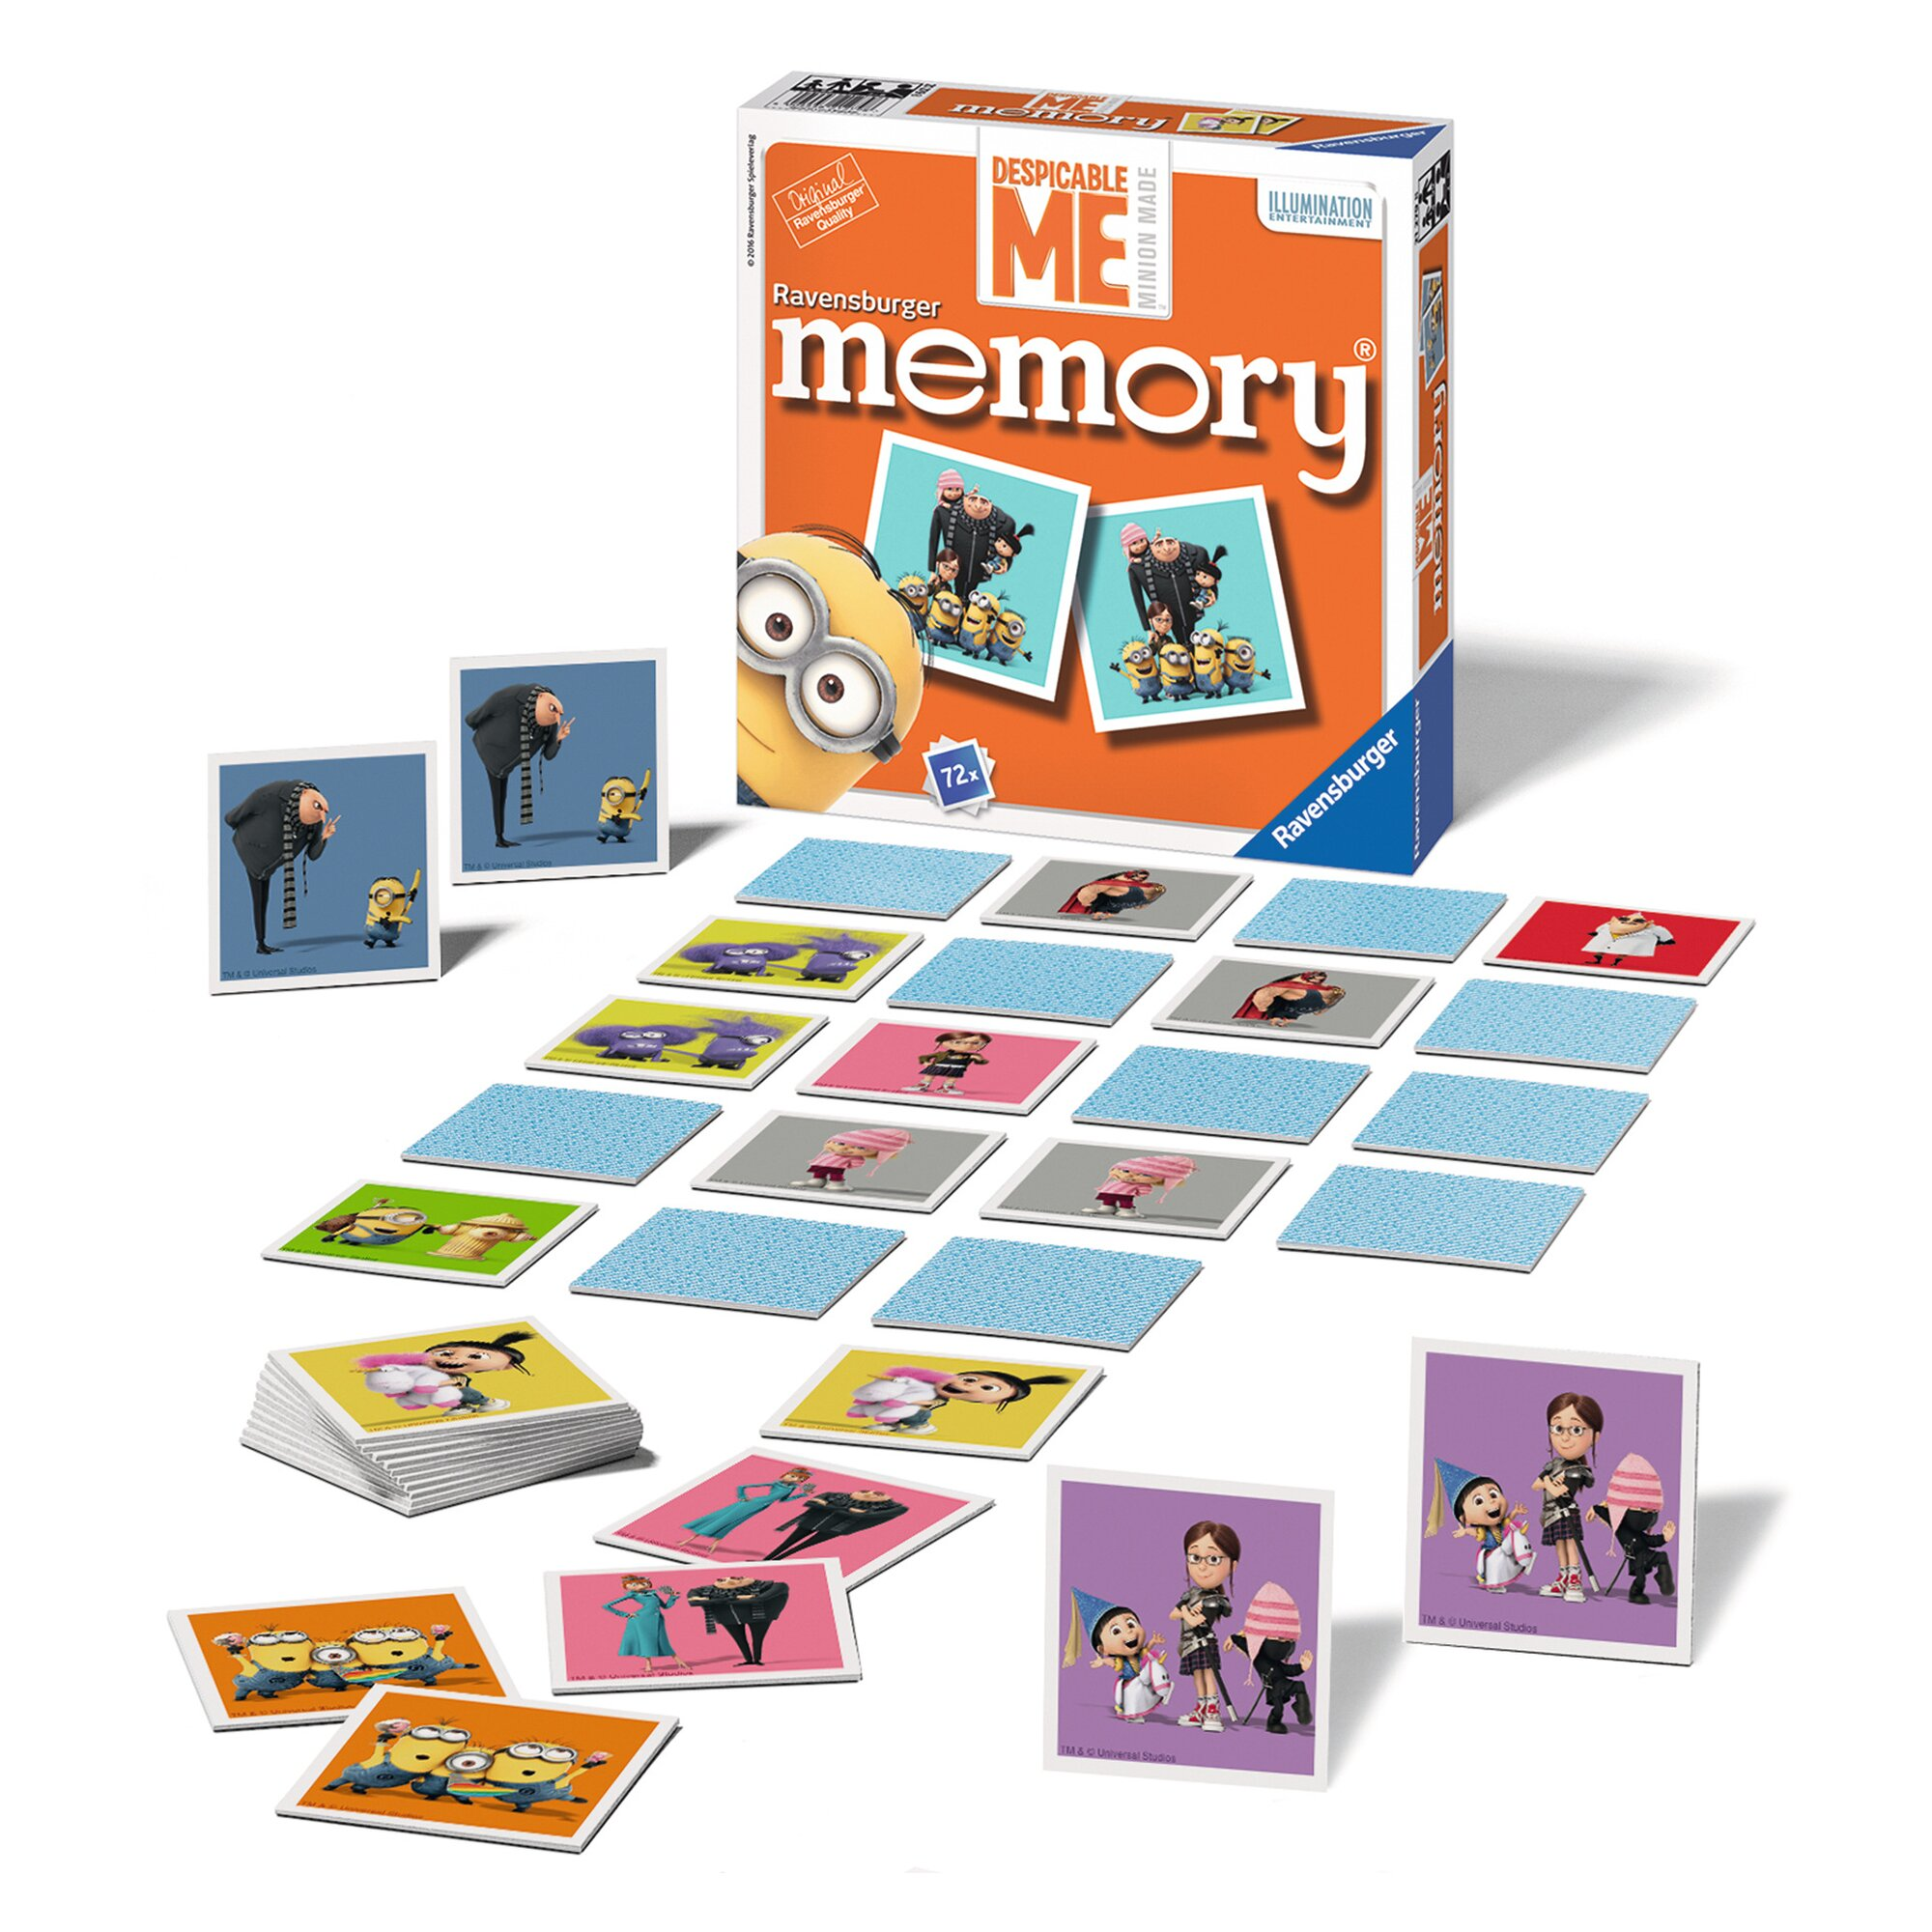 ravensburger-despicable-me-memory-legekartenspiel